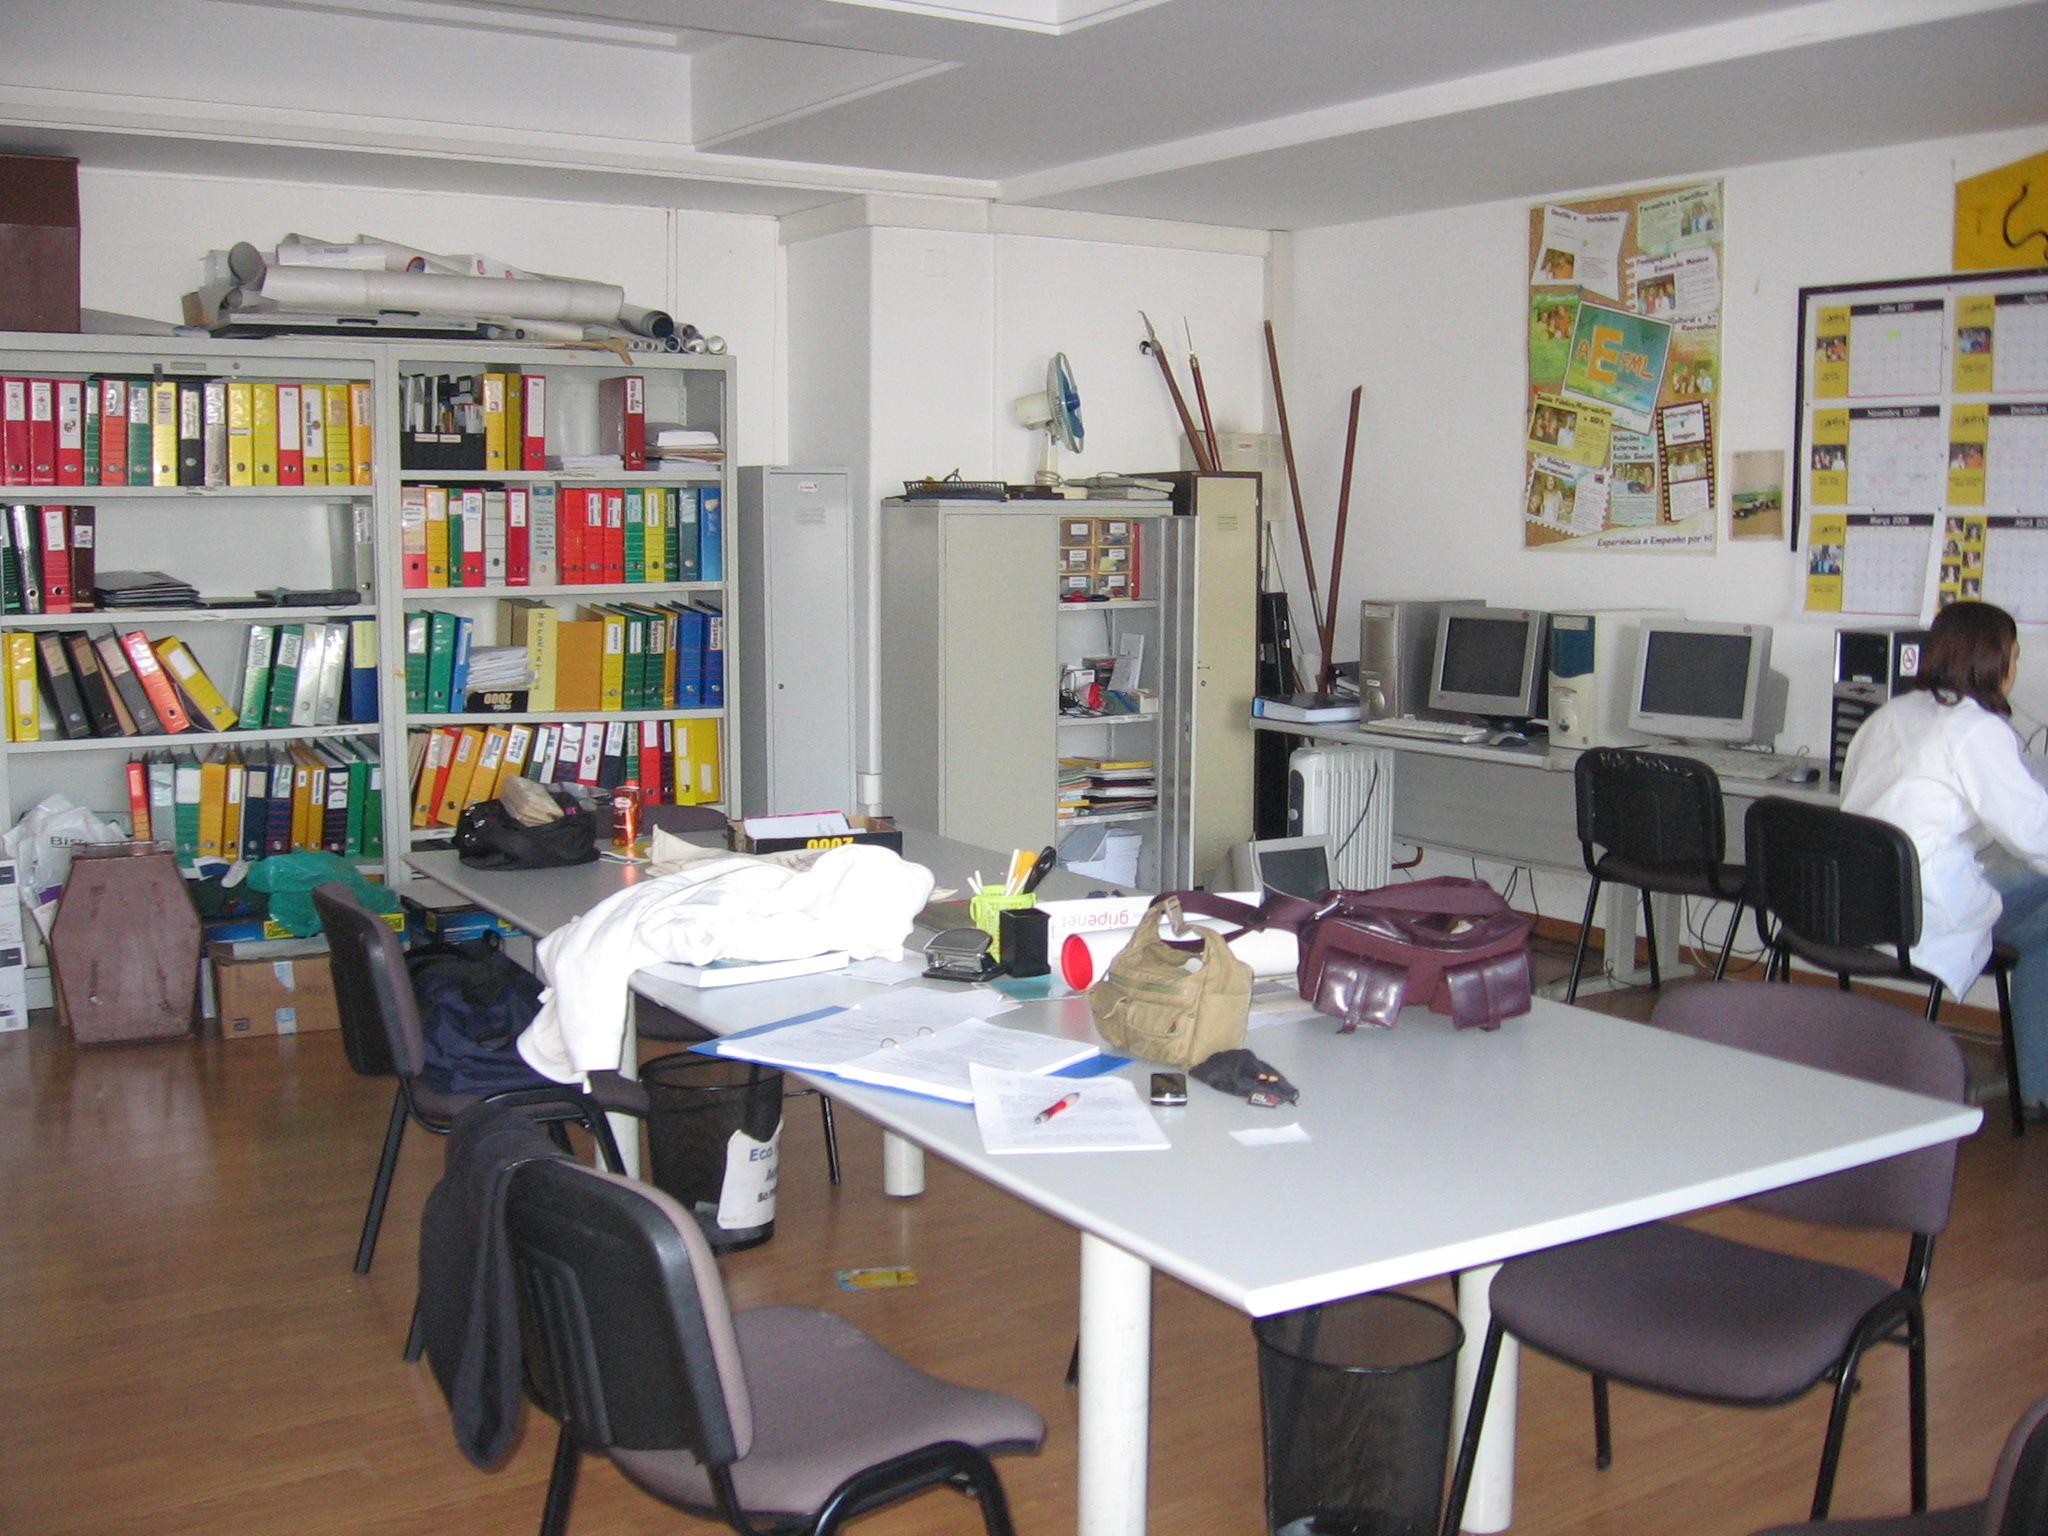 22-09-sala-de-direc3a7c3a3o-aefml-2007.jpg